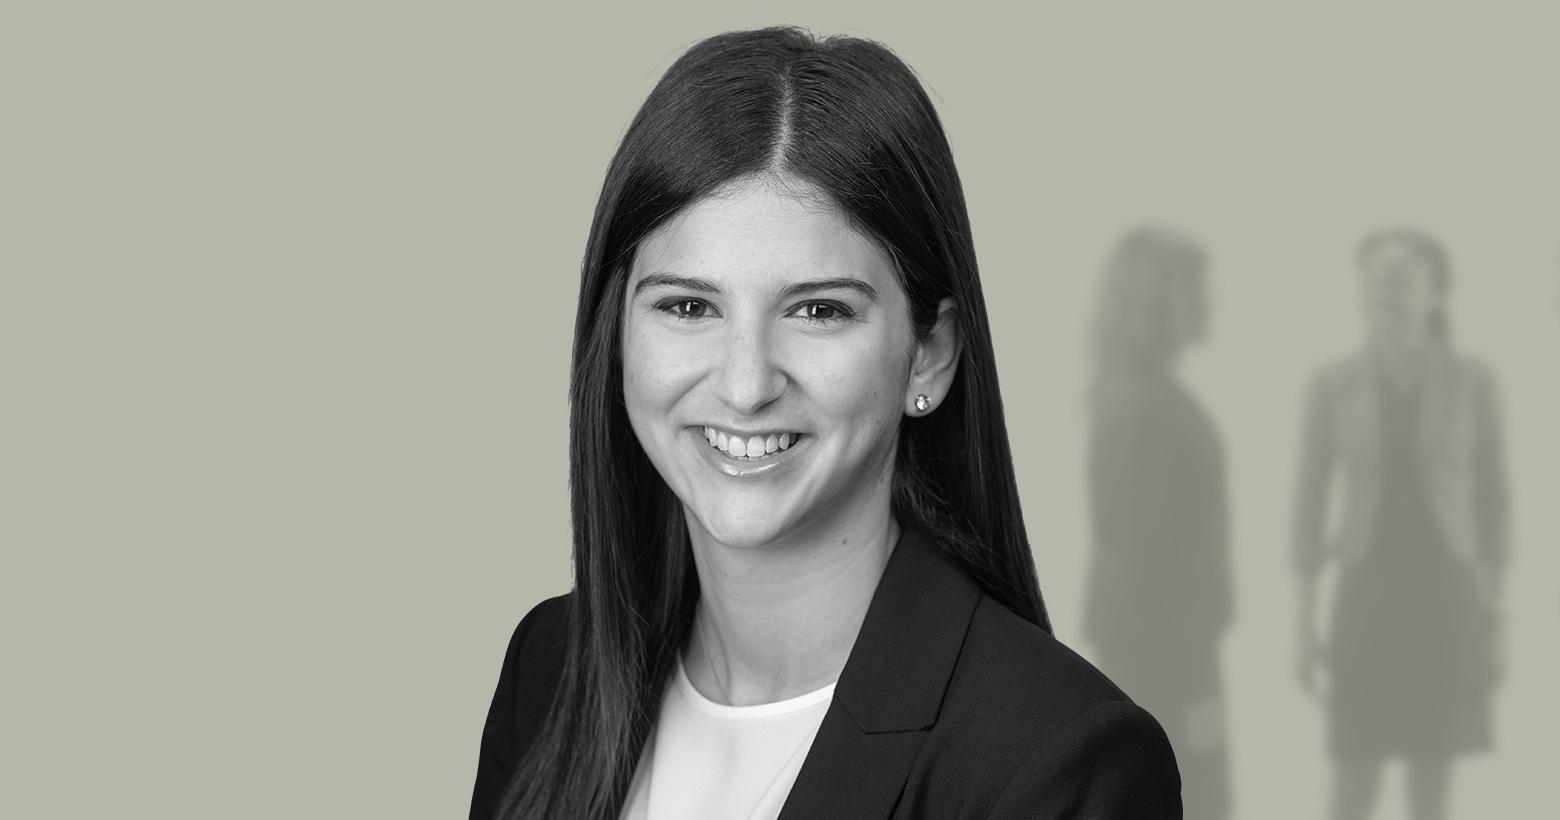 Daniela M. Chediak